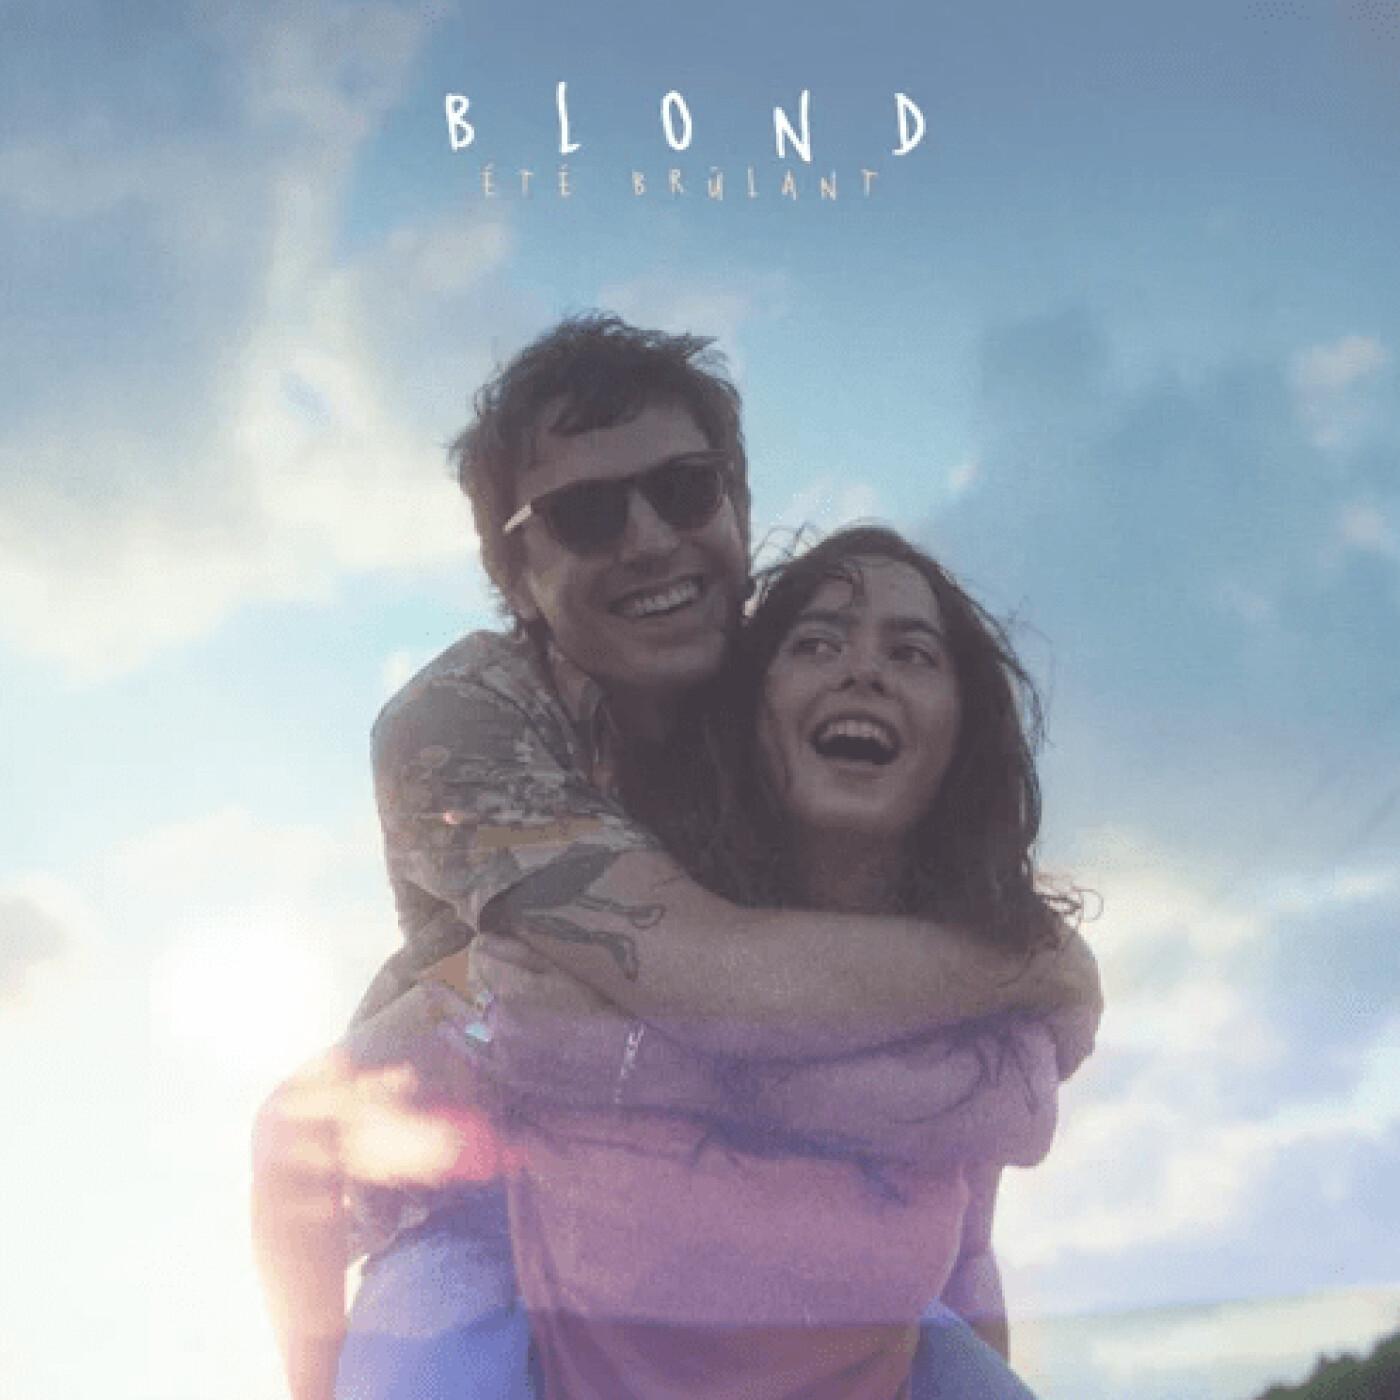 Blond et Sandra Nicole présentent Eté Brulant - 19 10 2021 - StereoChic Radio